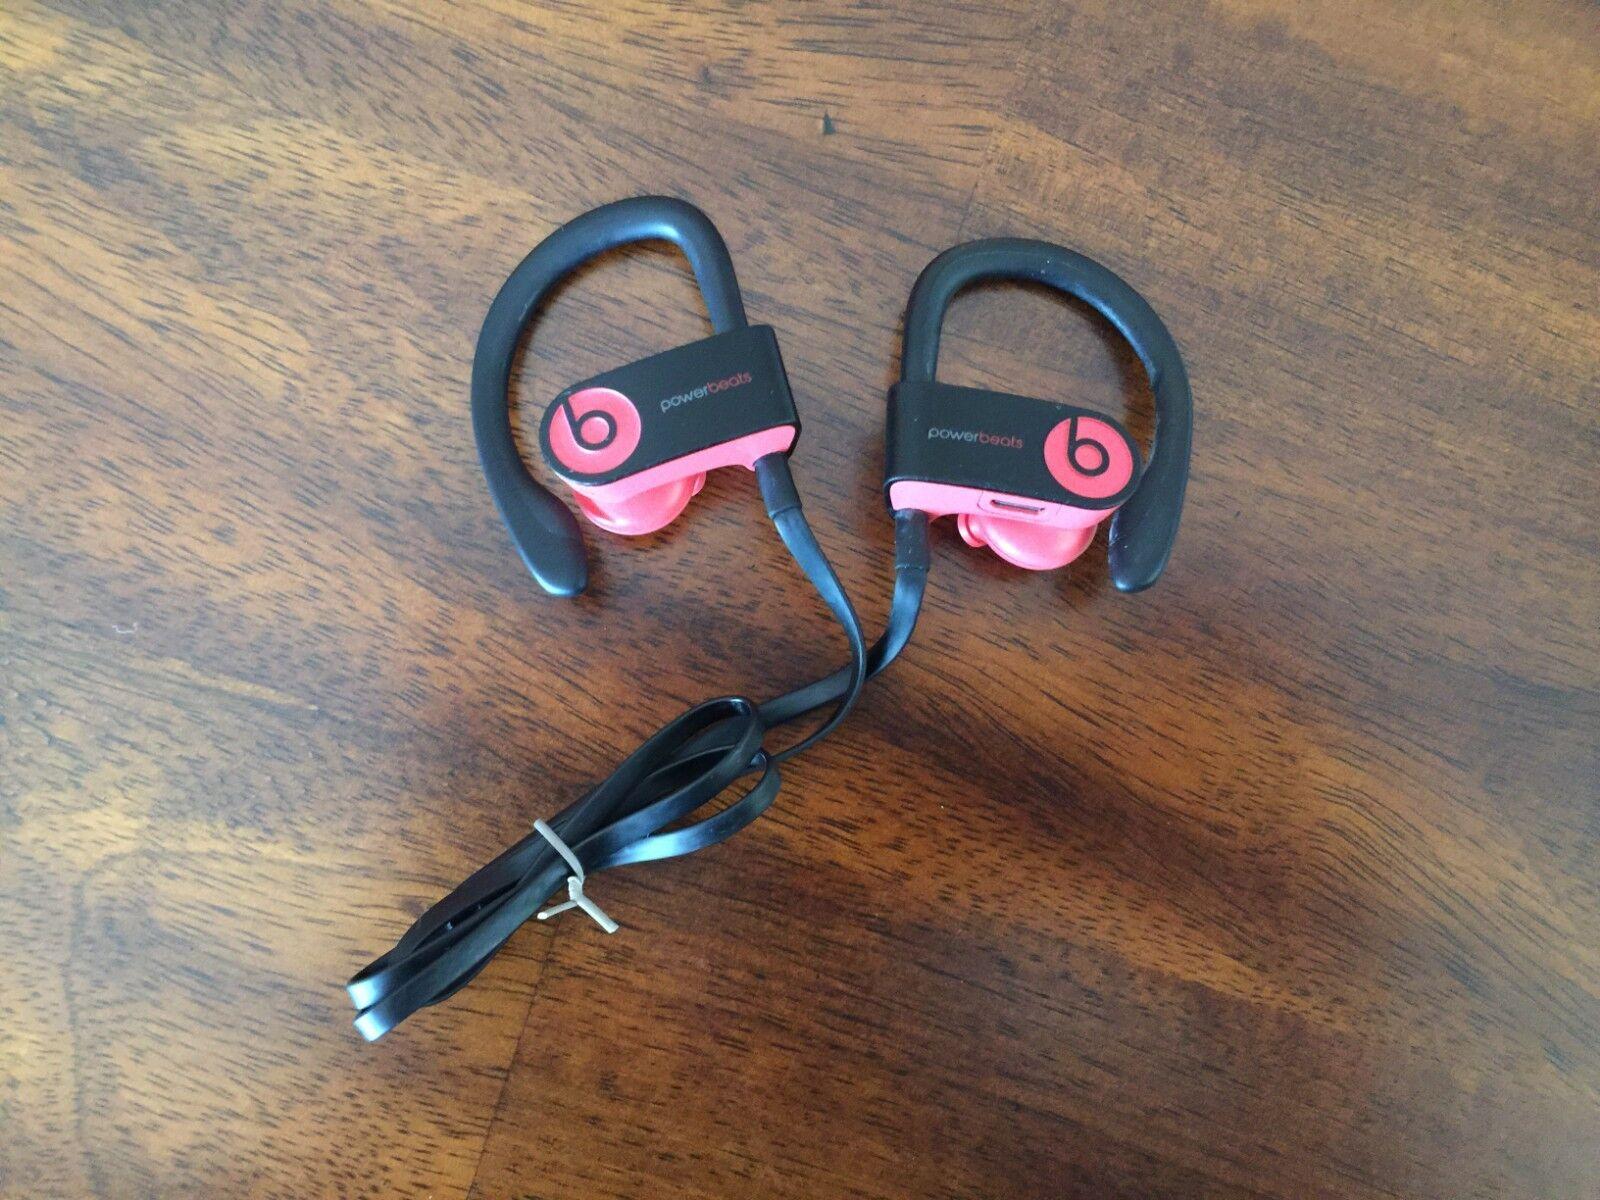 Beats by Dr. Dre Powerbeats3 Wireless Ear-Hook Headphones - Siren Red GENUINE